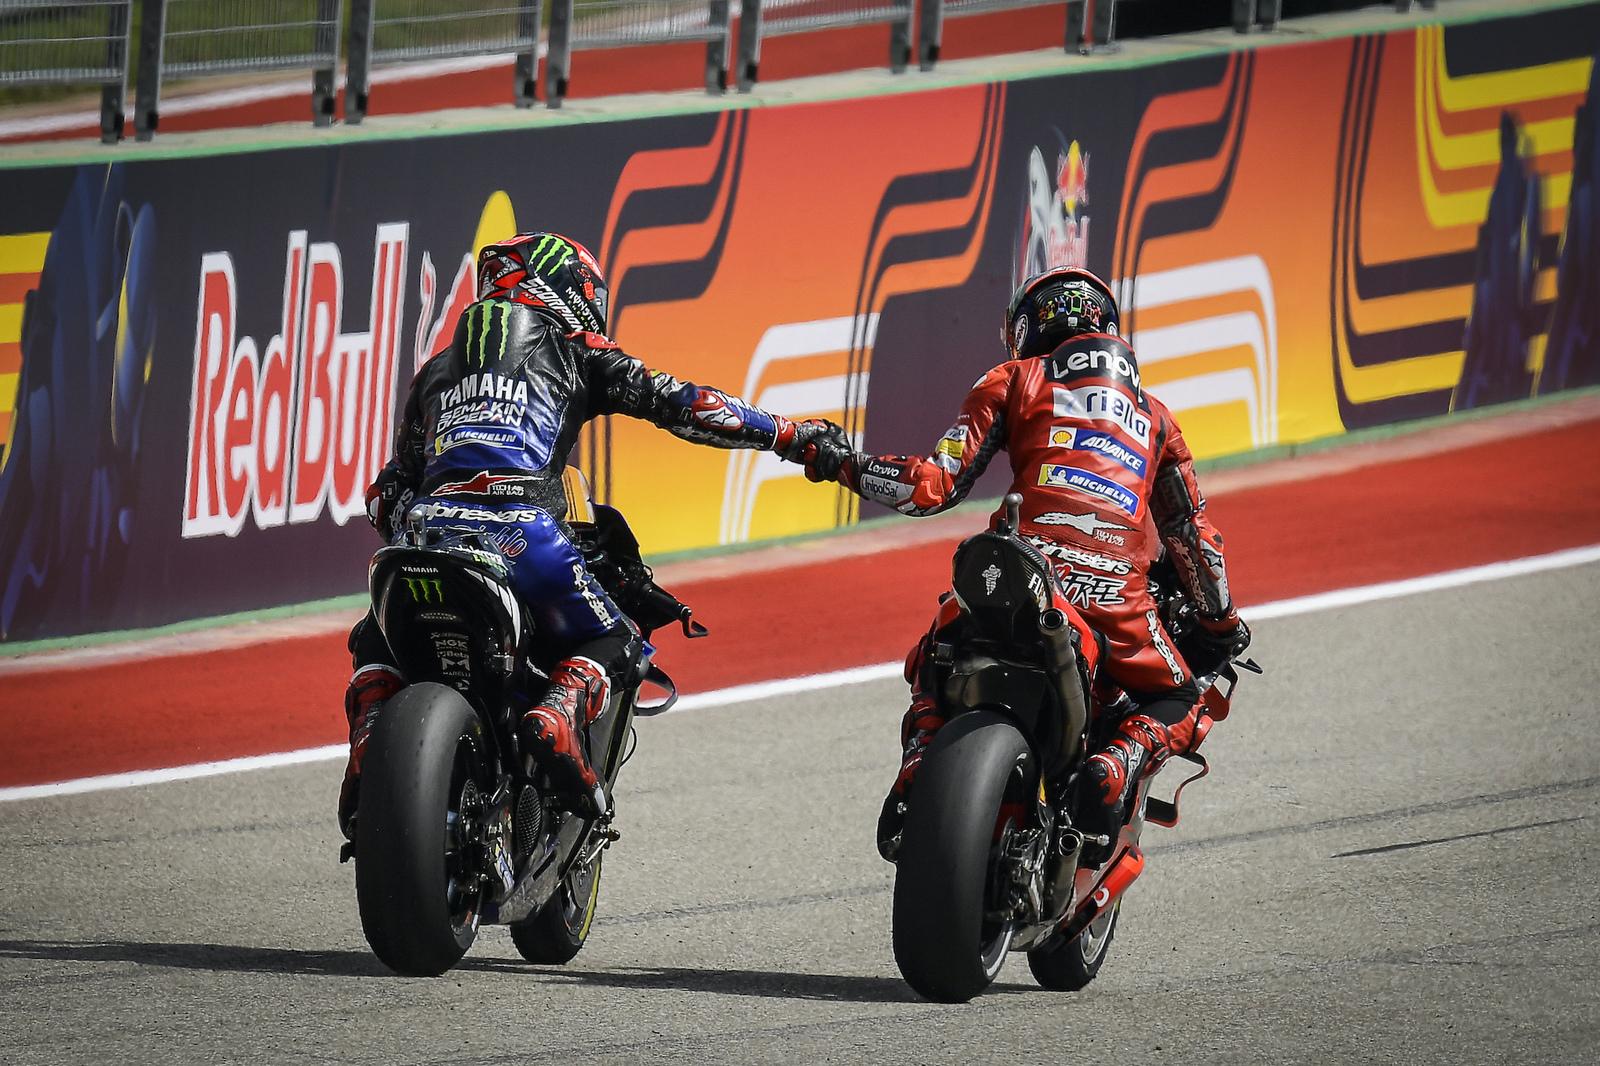 Fabio Quartararo i Pecco Bagnaia podczas MotoGP na COTA w Austin (Teksas, USA)